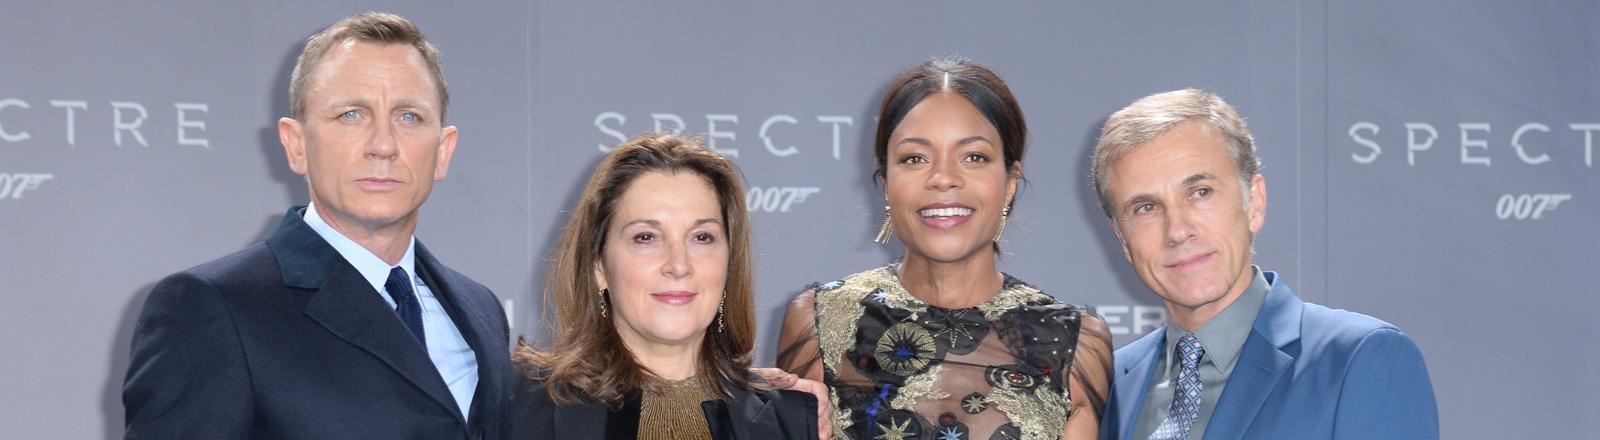 James-Bond-Premiere in Deutschland, Daniel Craig, Barbara Broccoli, Naomi Harris, Christoph Waltz